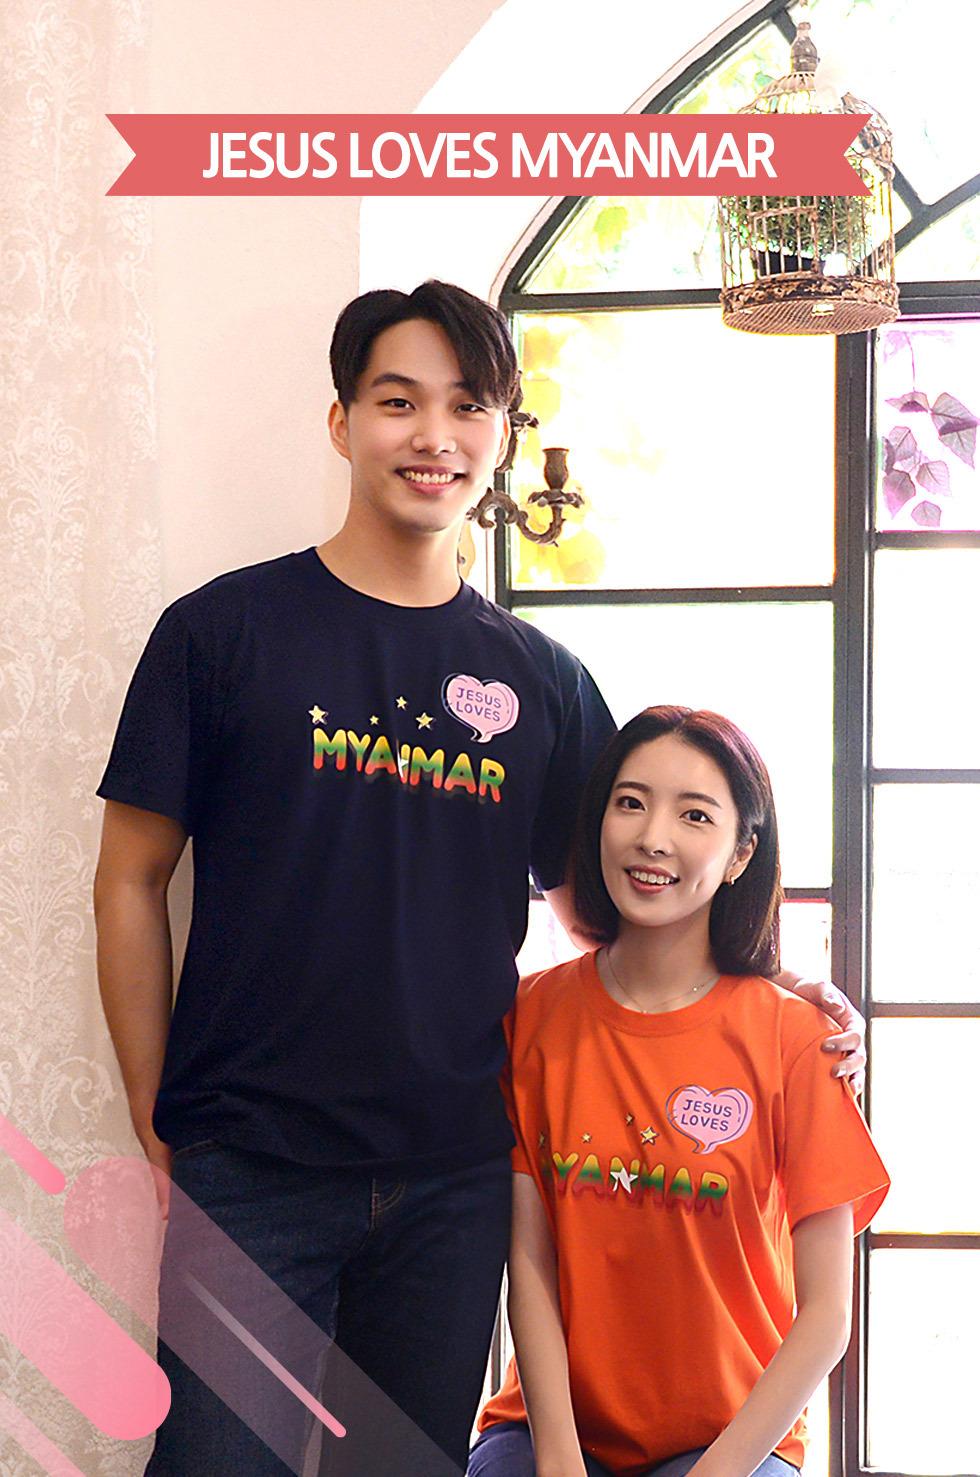 교회 단체티셔츠 미얀마 선교티 (Jesus loves Myanmar) - 미션트립 단체 성인티셔츠(미얀마선교)